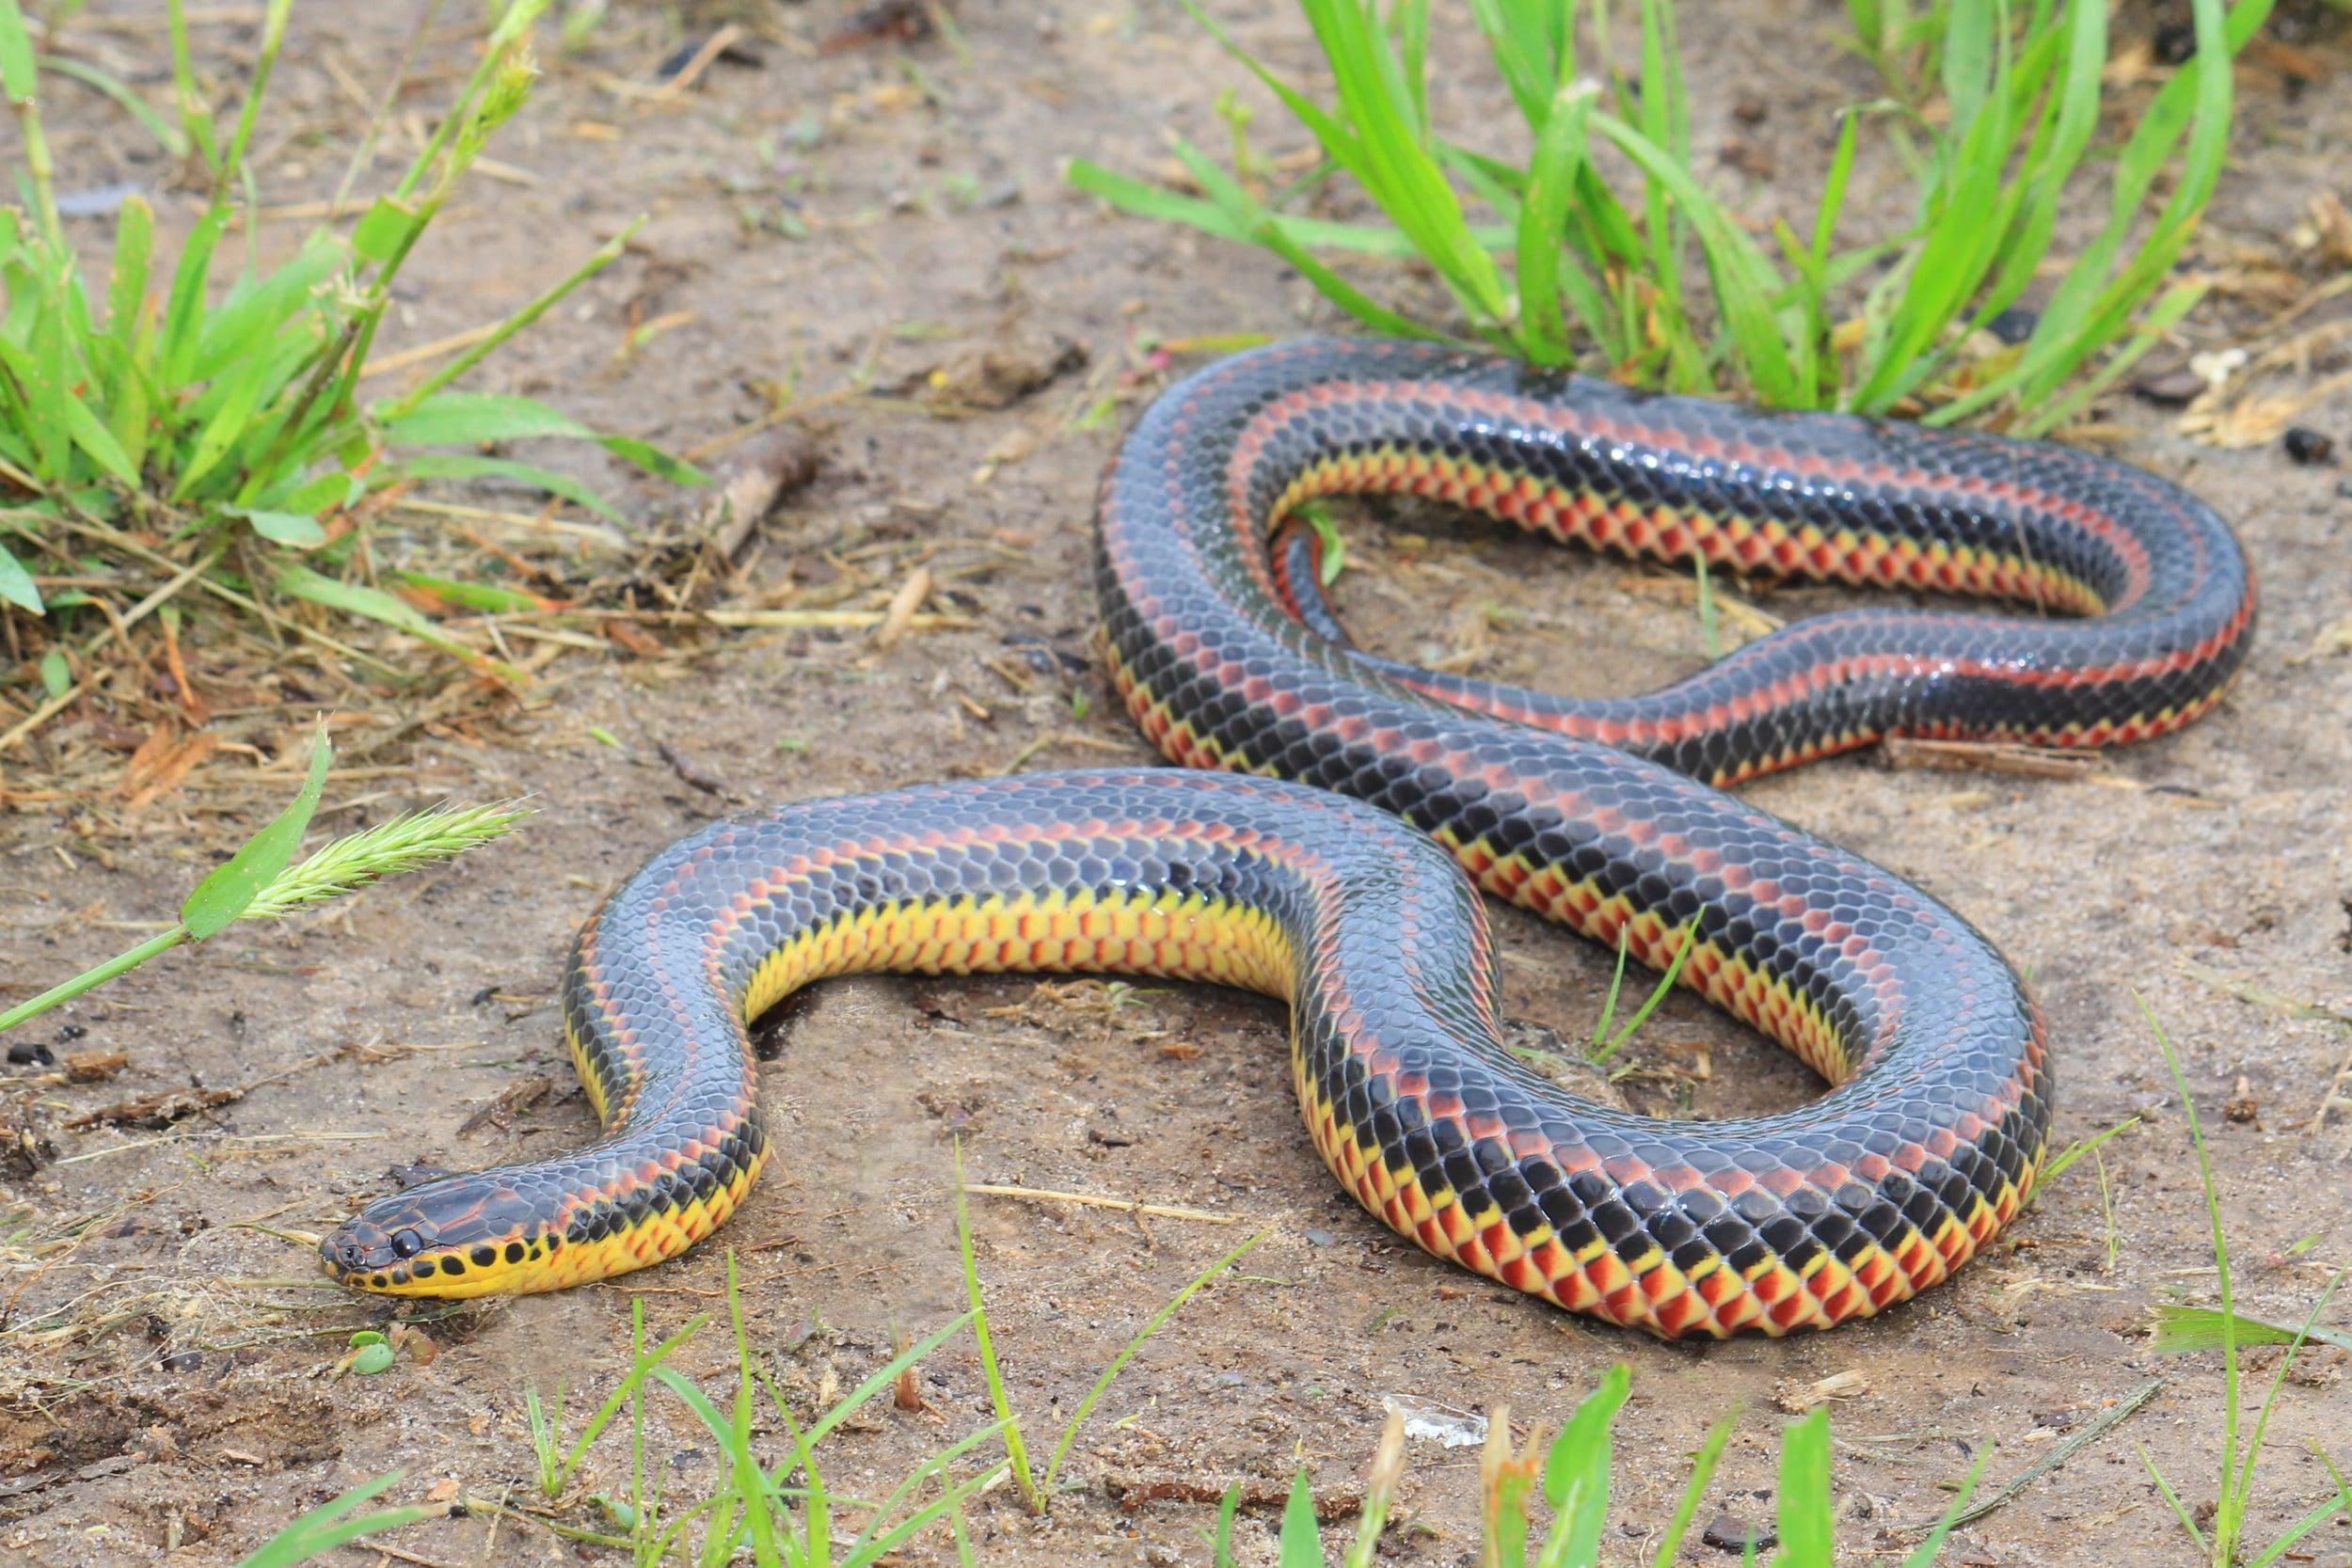 Common Rainbow Snake